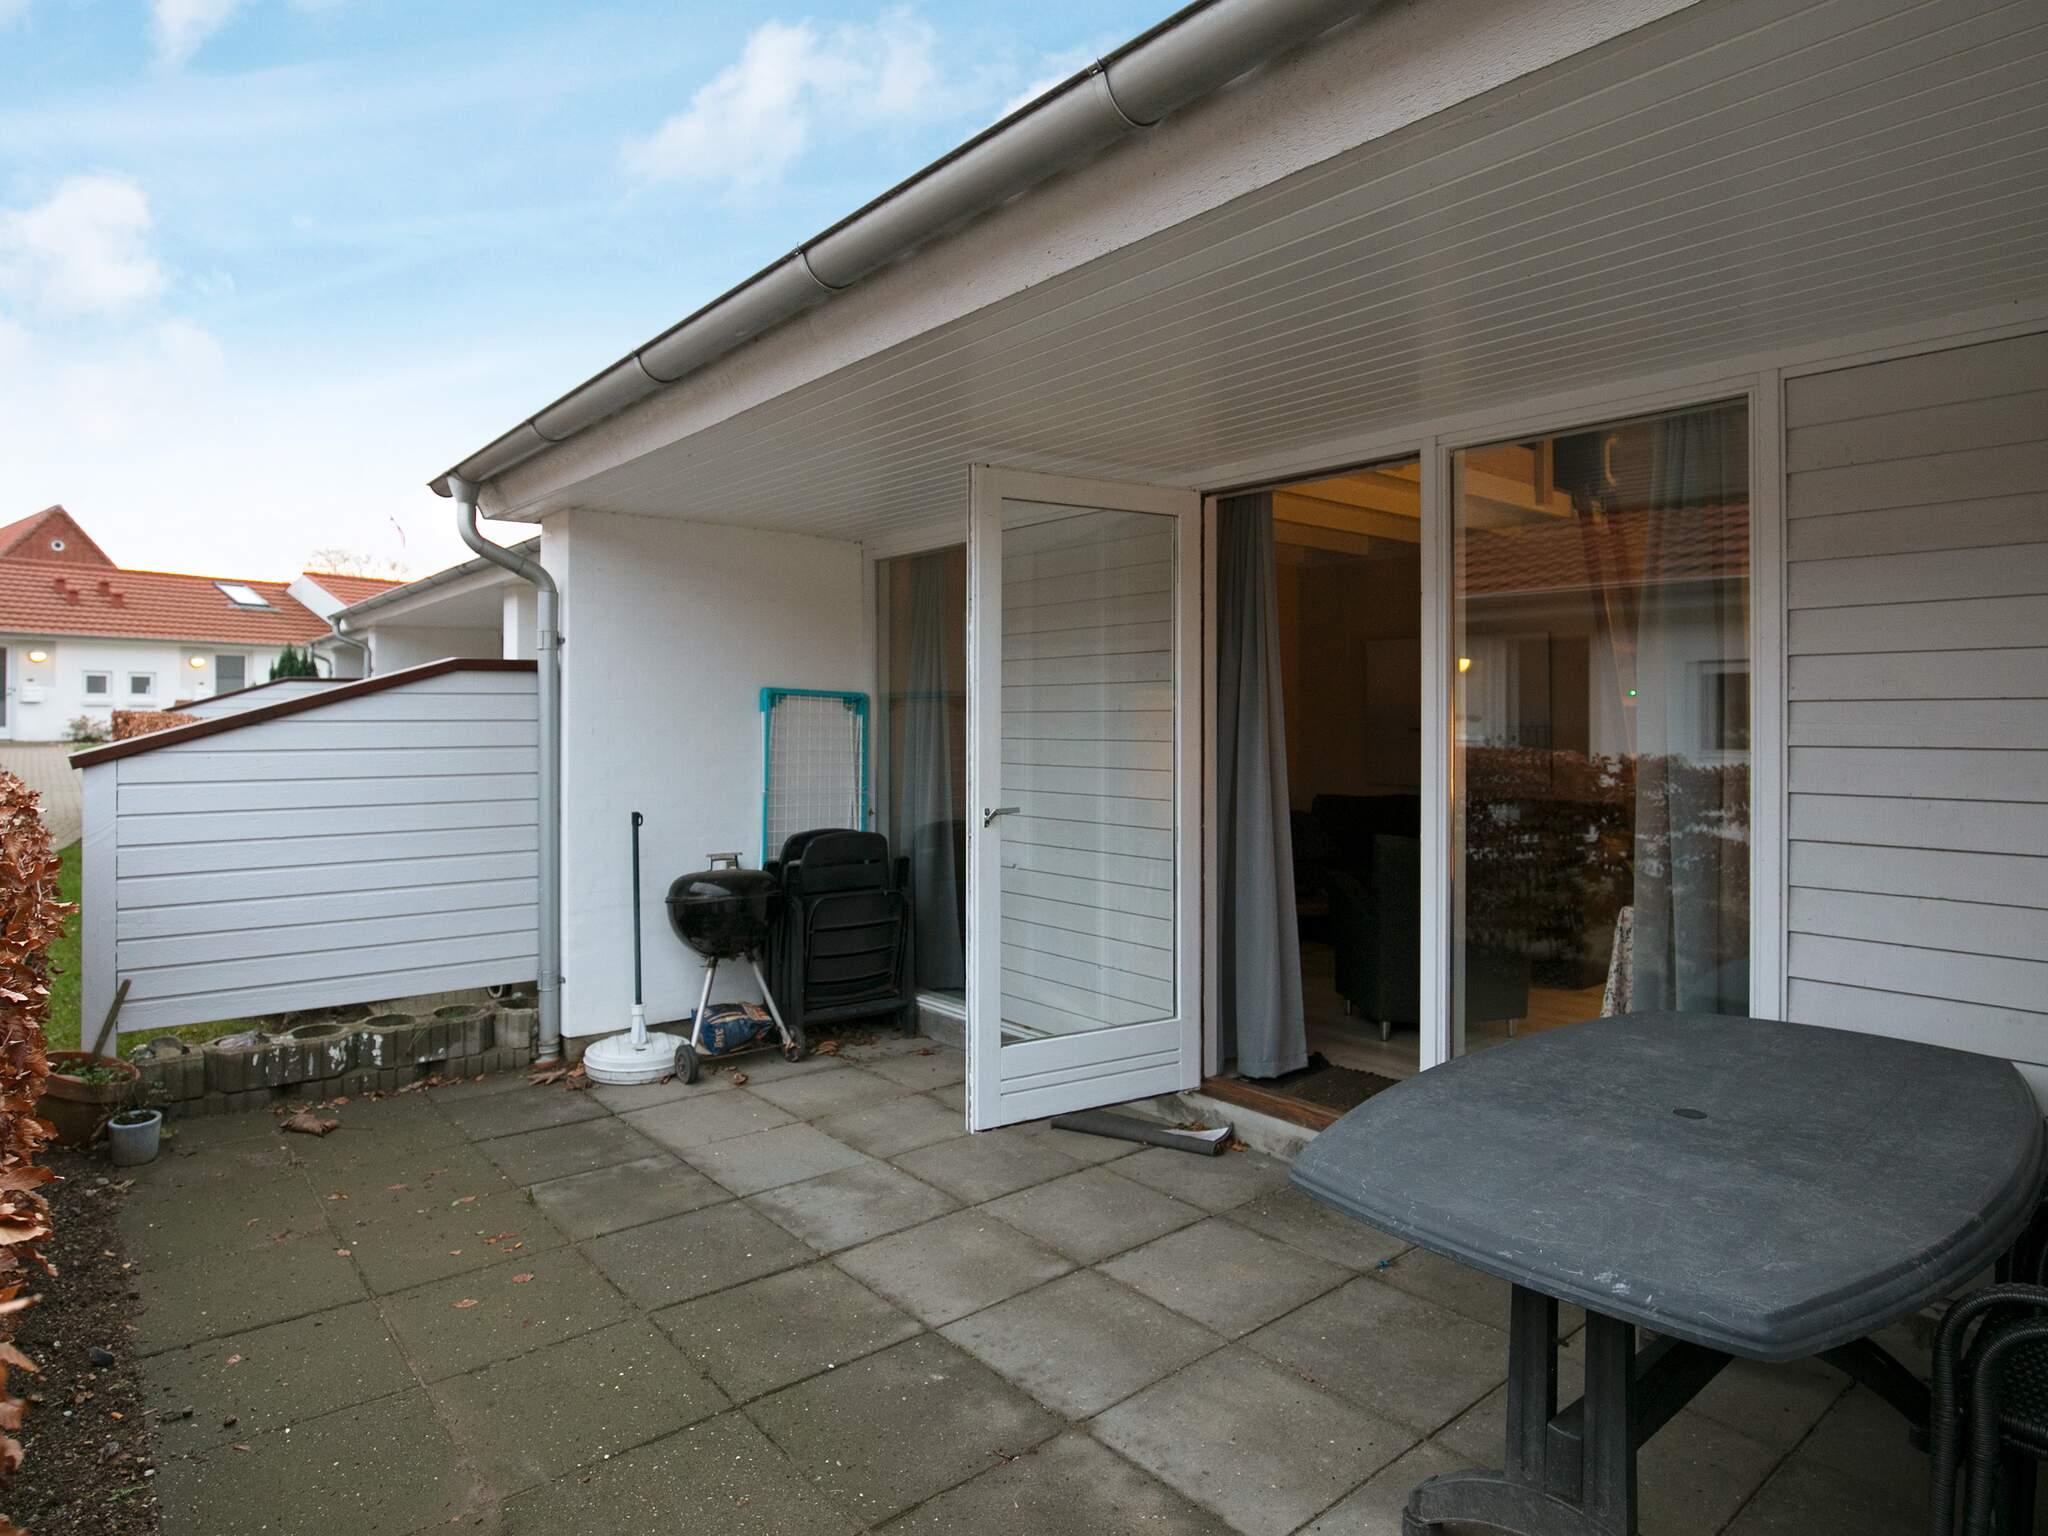 Ferienhaus Ærø/Ærøskøbing (440373), Ærøskøbing, , Ærø, Dänemark, Bild 29